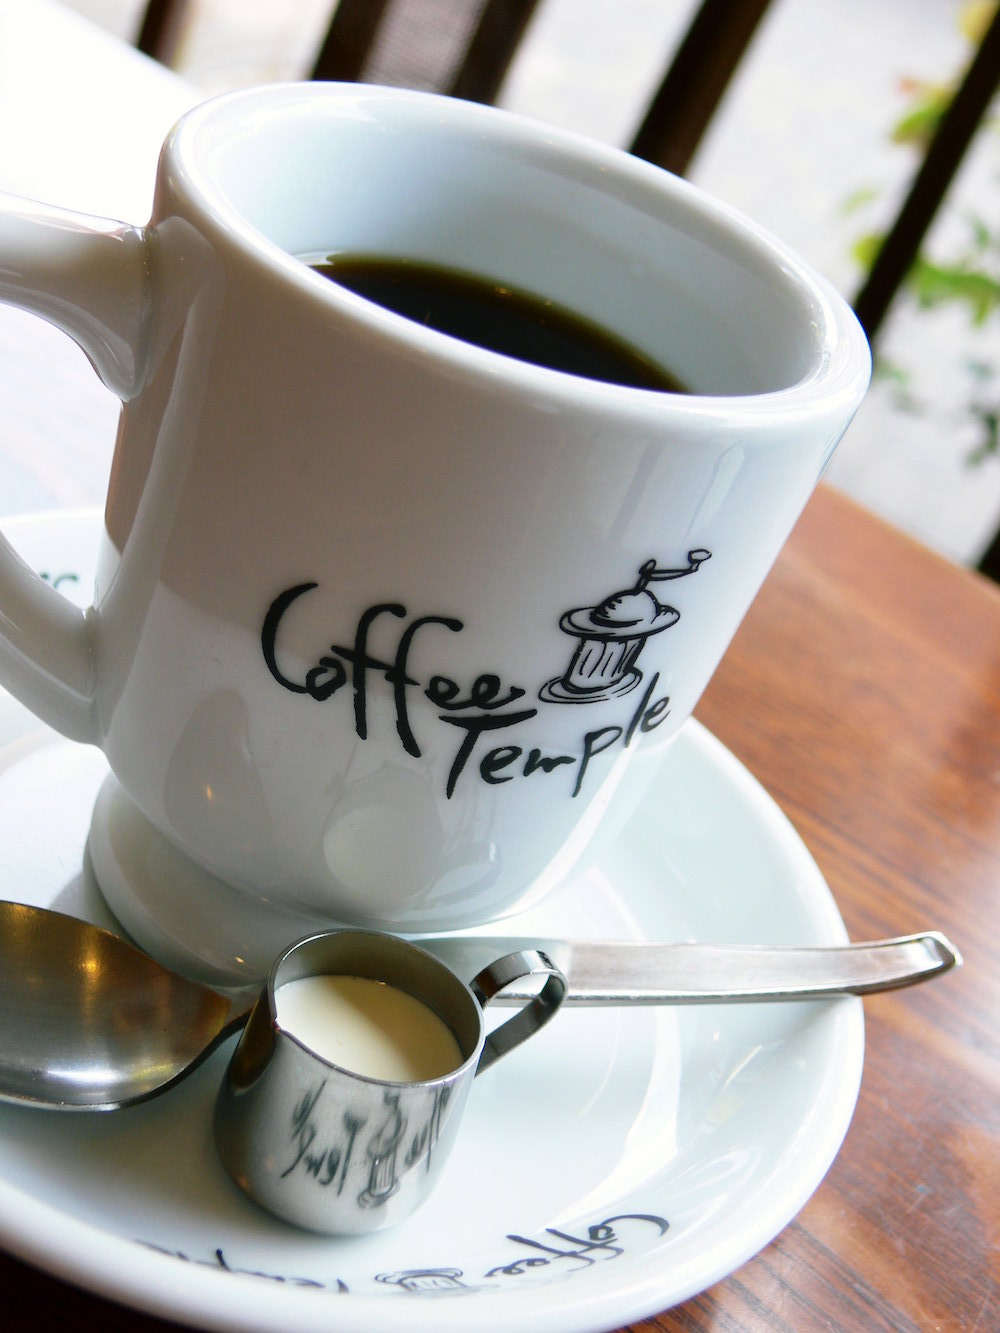 世界で70キロしかない希少なコスタリカ産の名門エルバス精製所のコーヒー豆と喫茶店で提供されている定番のブレンドの2種類。日本スペシャルティコーヒー協会 ブリュワーズ委員・競技会審査員の田和佳晃氏が焙煎した、地元で48年愛され続ける喫茶店の味をご自宅でどうぞ